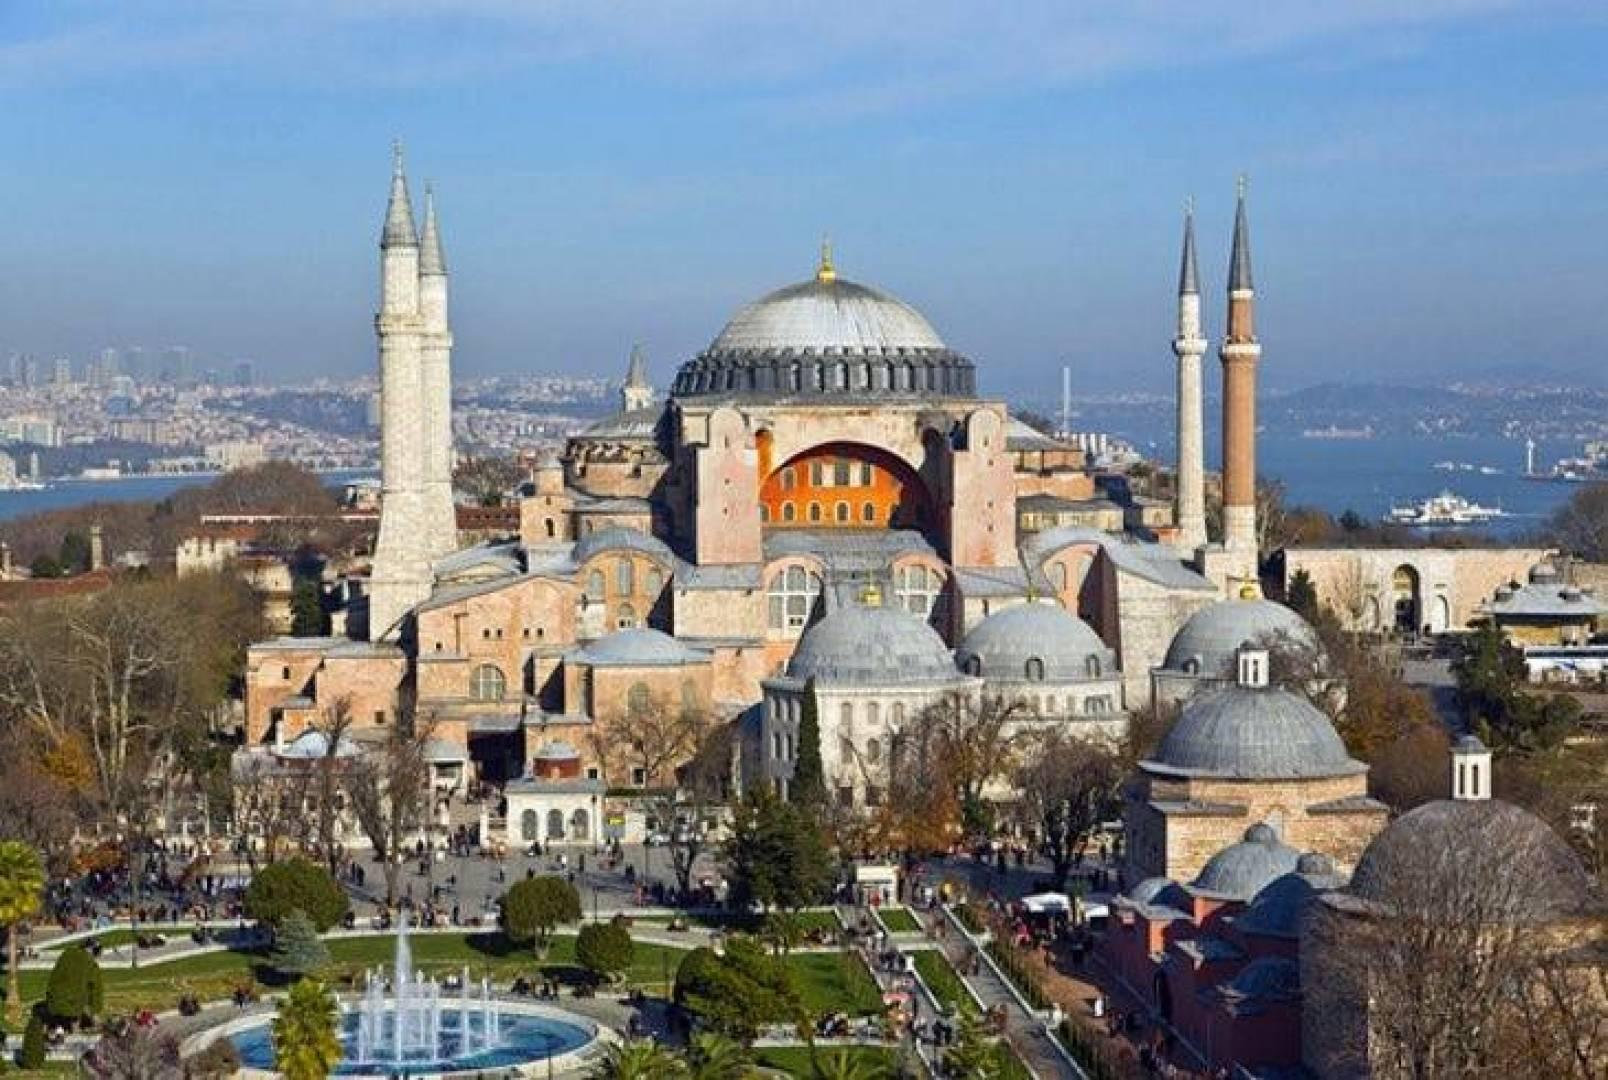 بابا الفاتيكان يعرب عن حزنه الشديد لتحويل «آيا صوفيا» إلى مسجد